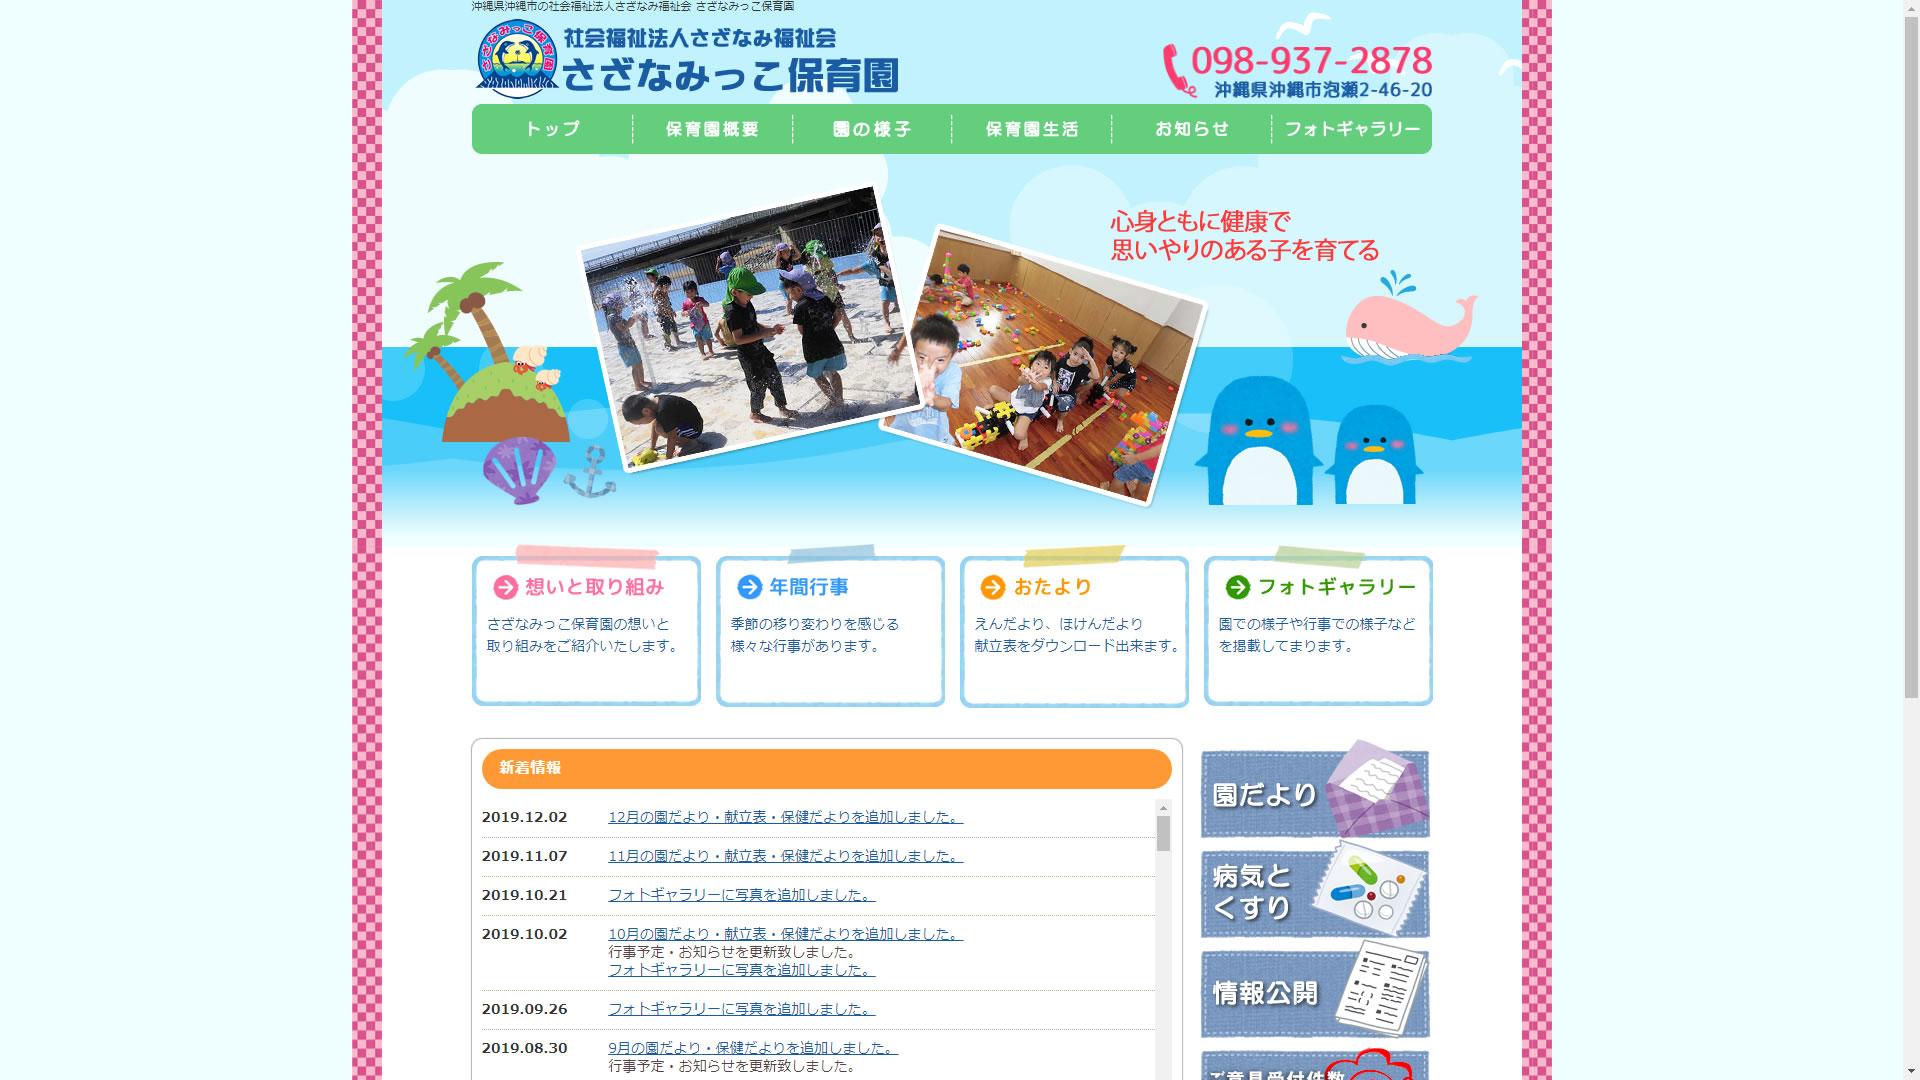 沖縄県沖縄市 社会福祉法人さざなみ福祉会 さざなみっこ保育園